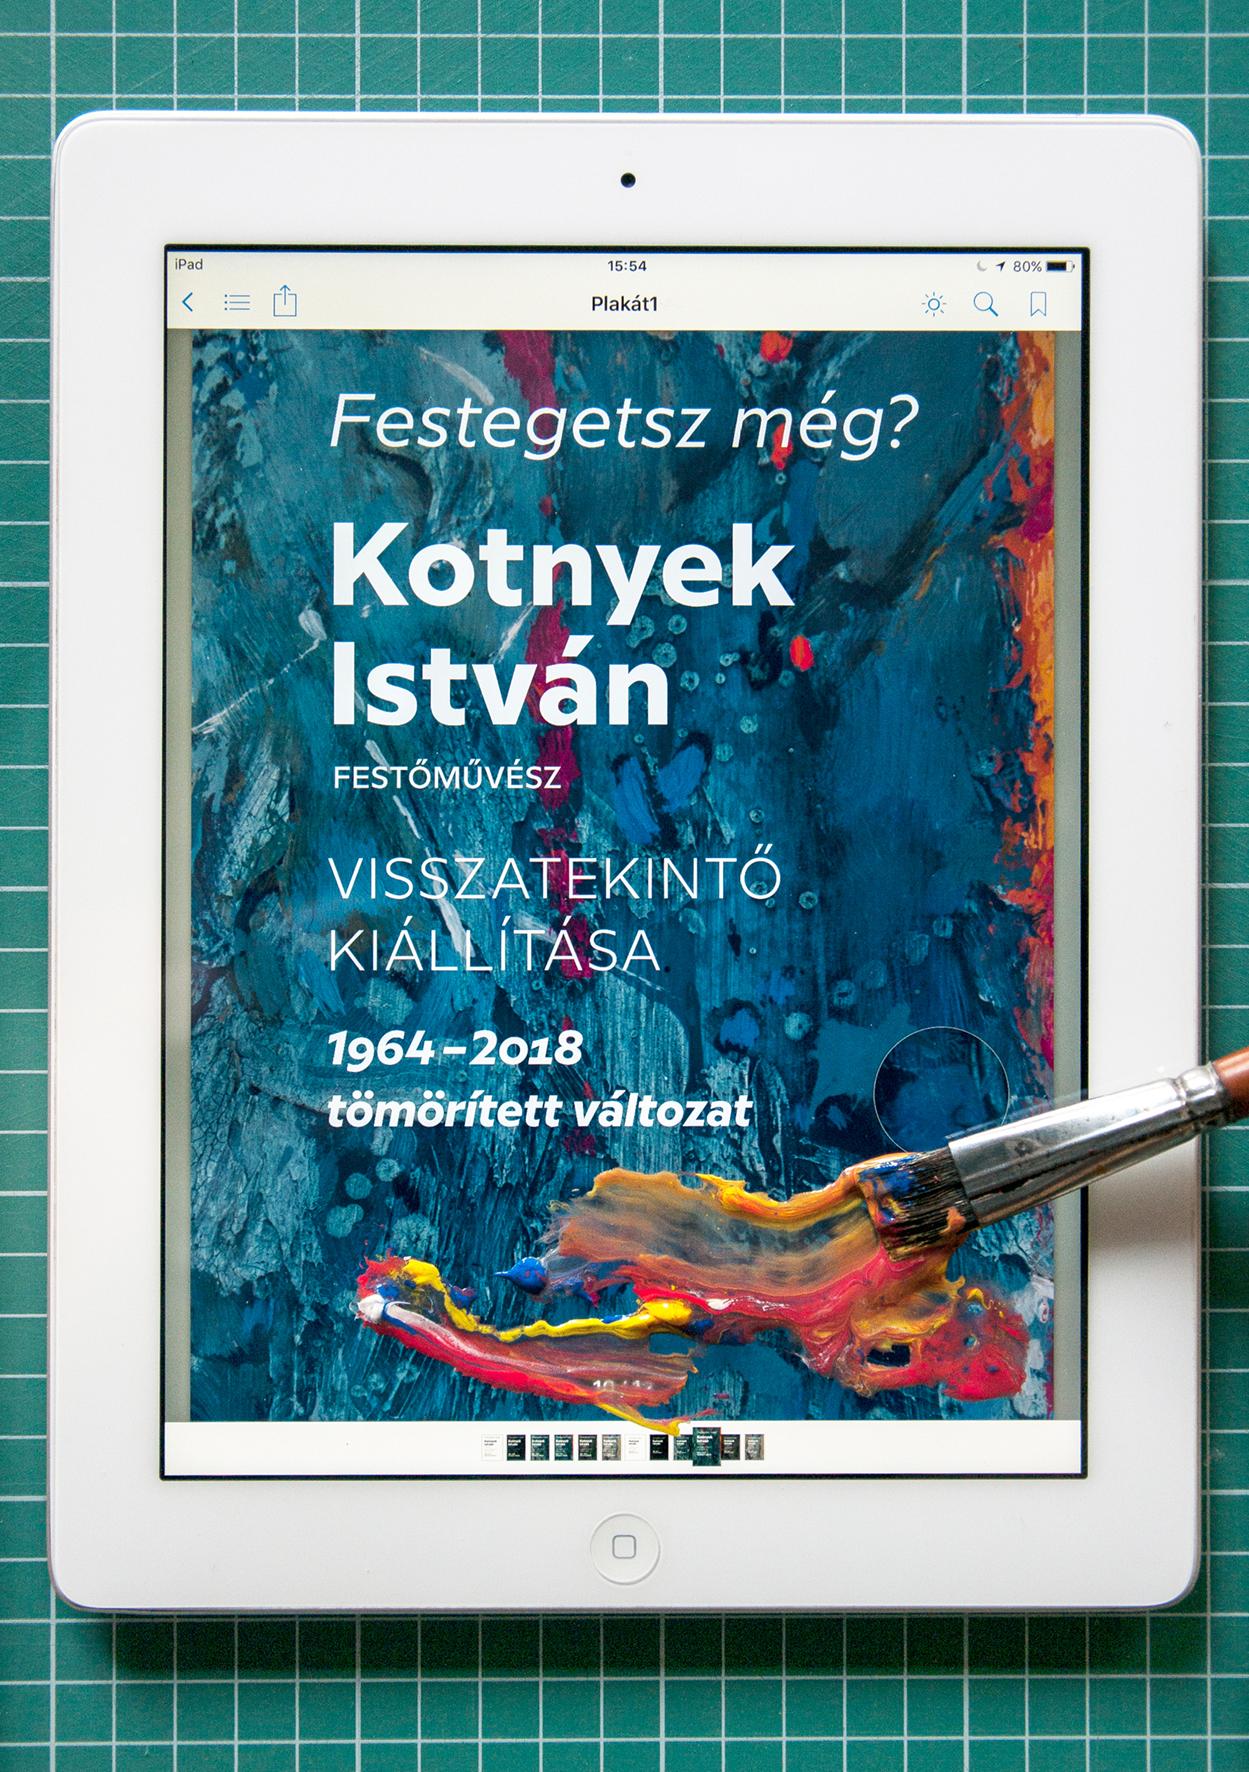 Meghívó Plakát Ház Kotnyek István kiállítás